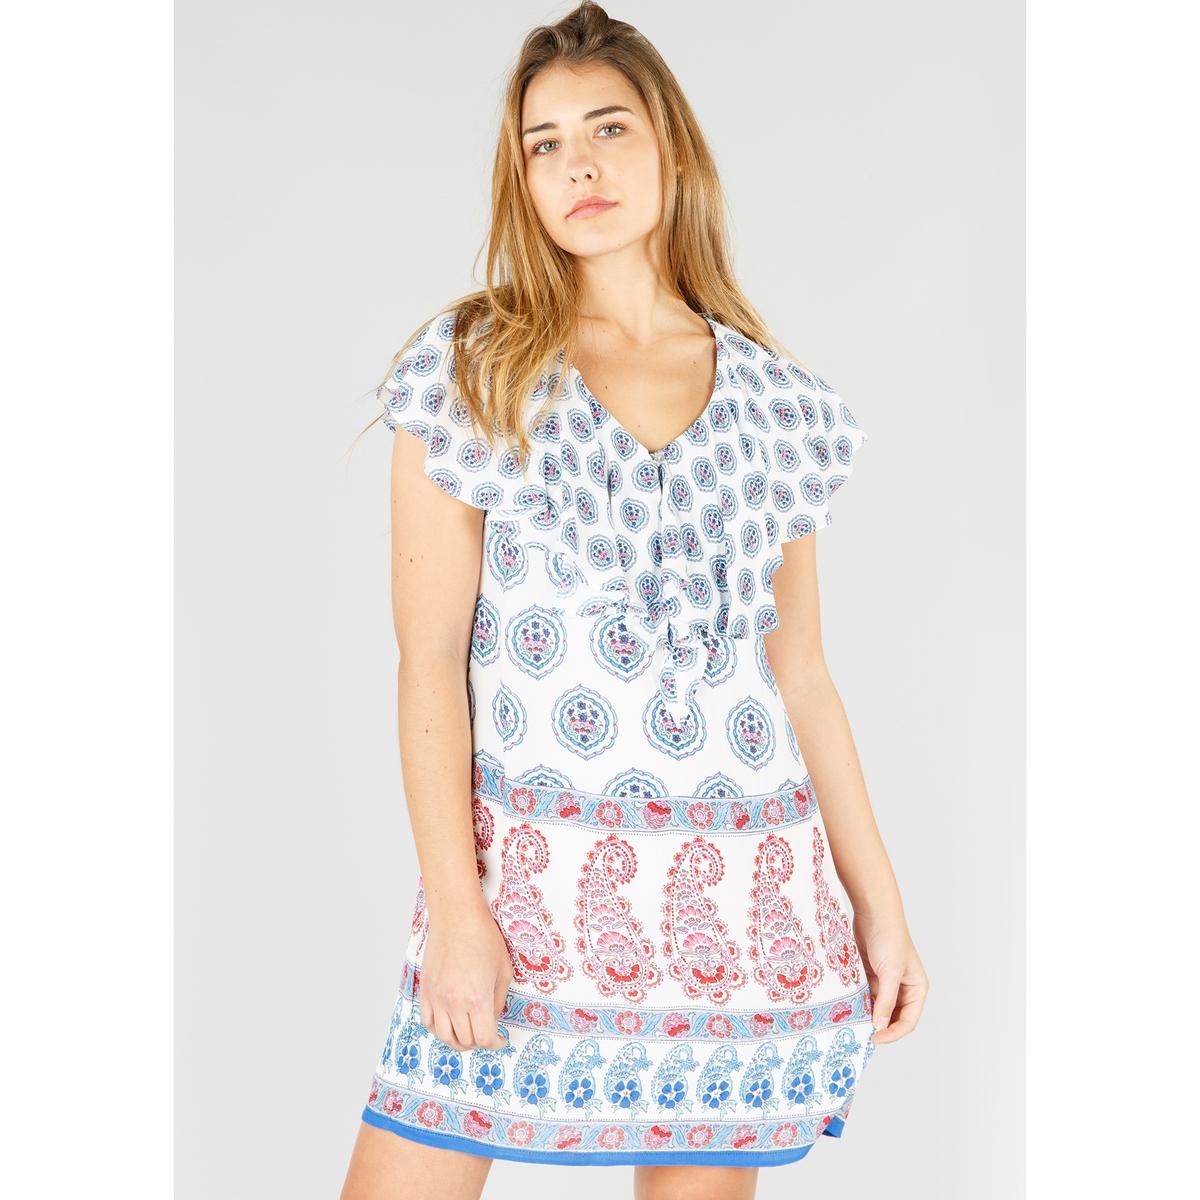 цена Платье La Redoute Короткое с кашемировым рисунком с короткими рукавами L бежевый онлайн в 2017 году